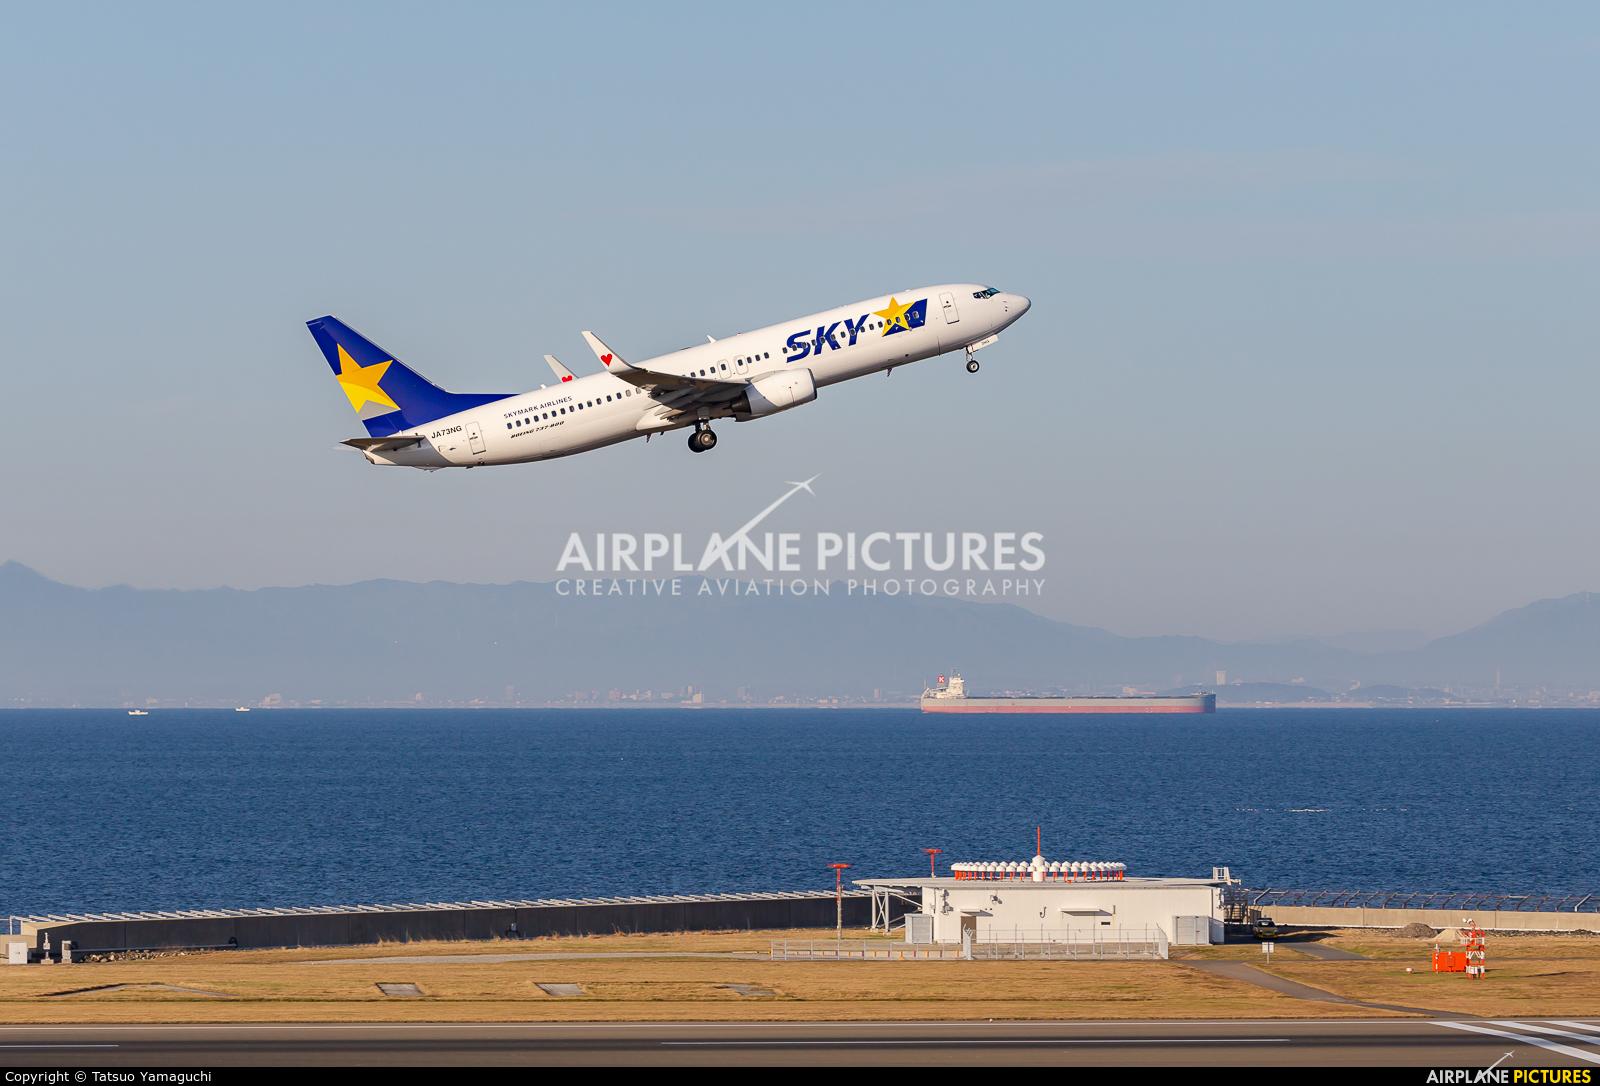 Skymark Airlines JA73NG aircraft at Chubu Centrair Intl